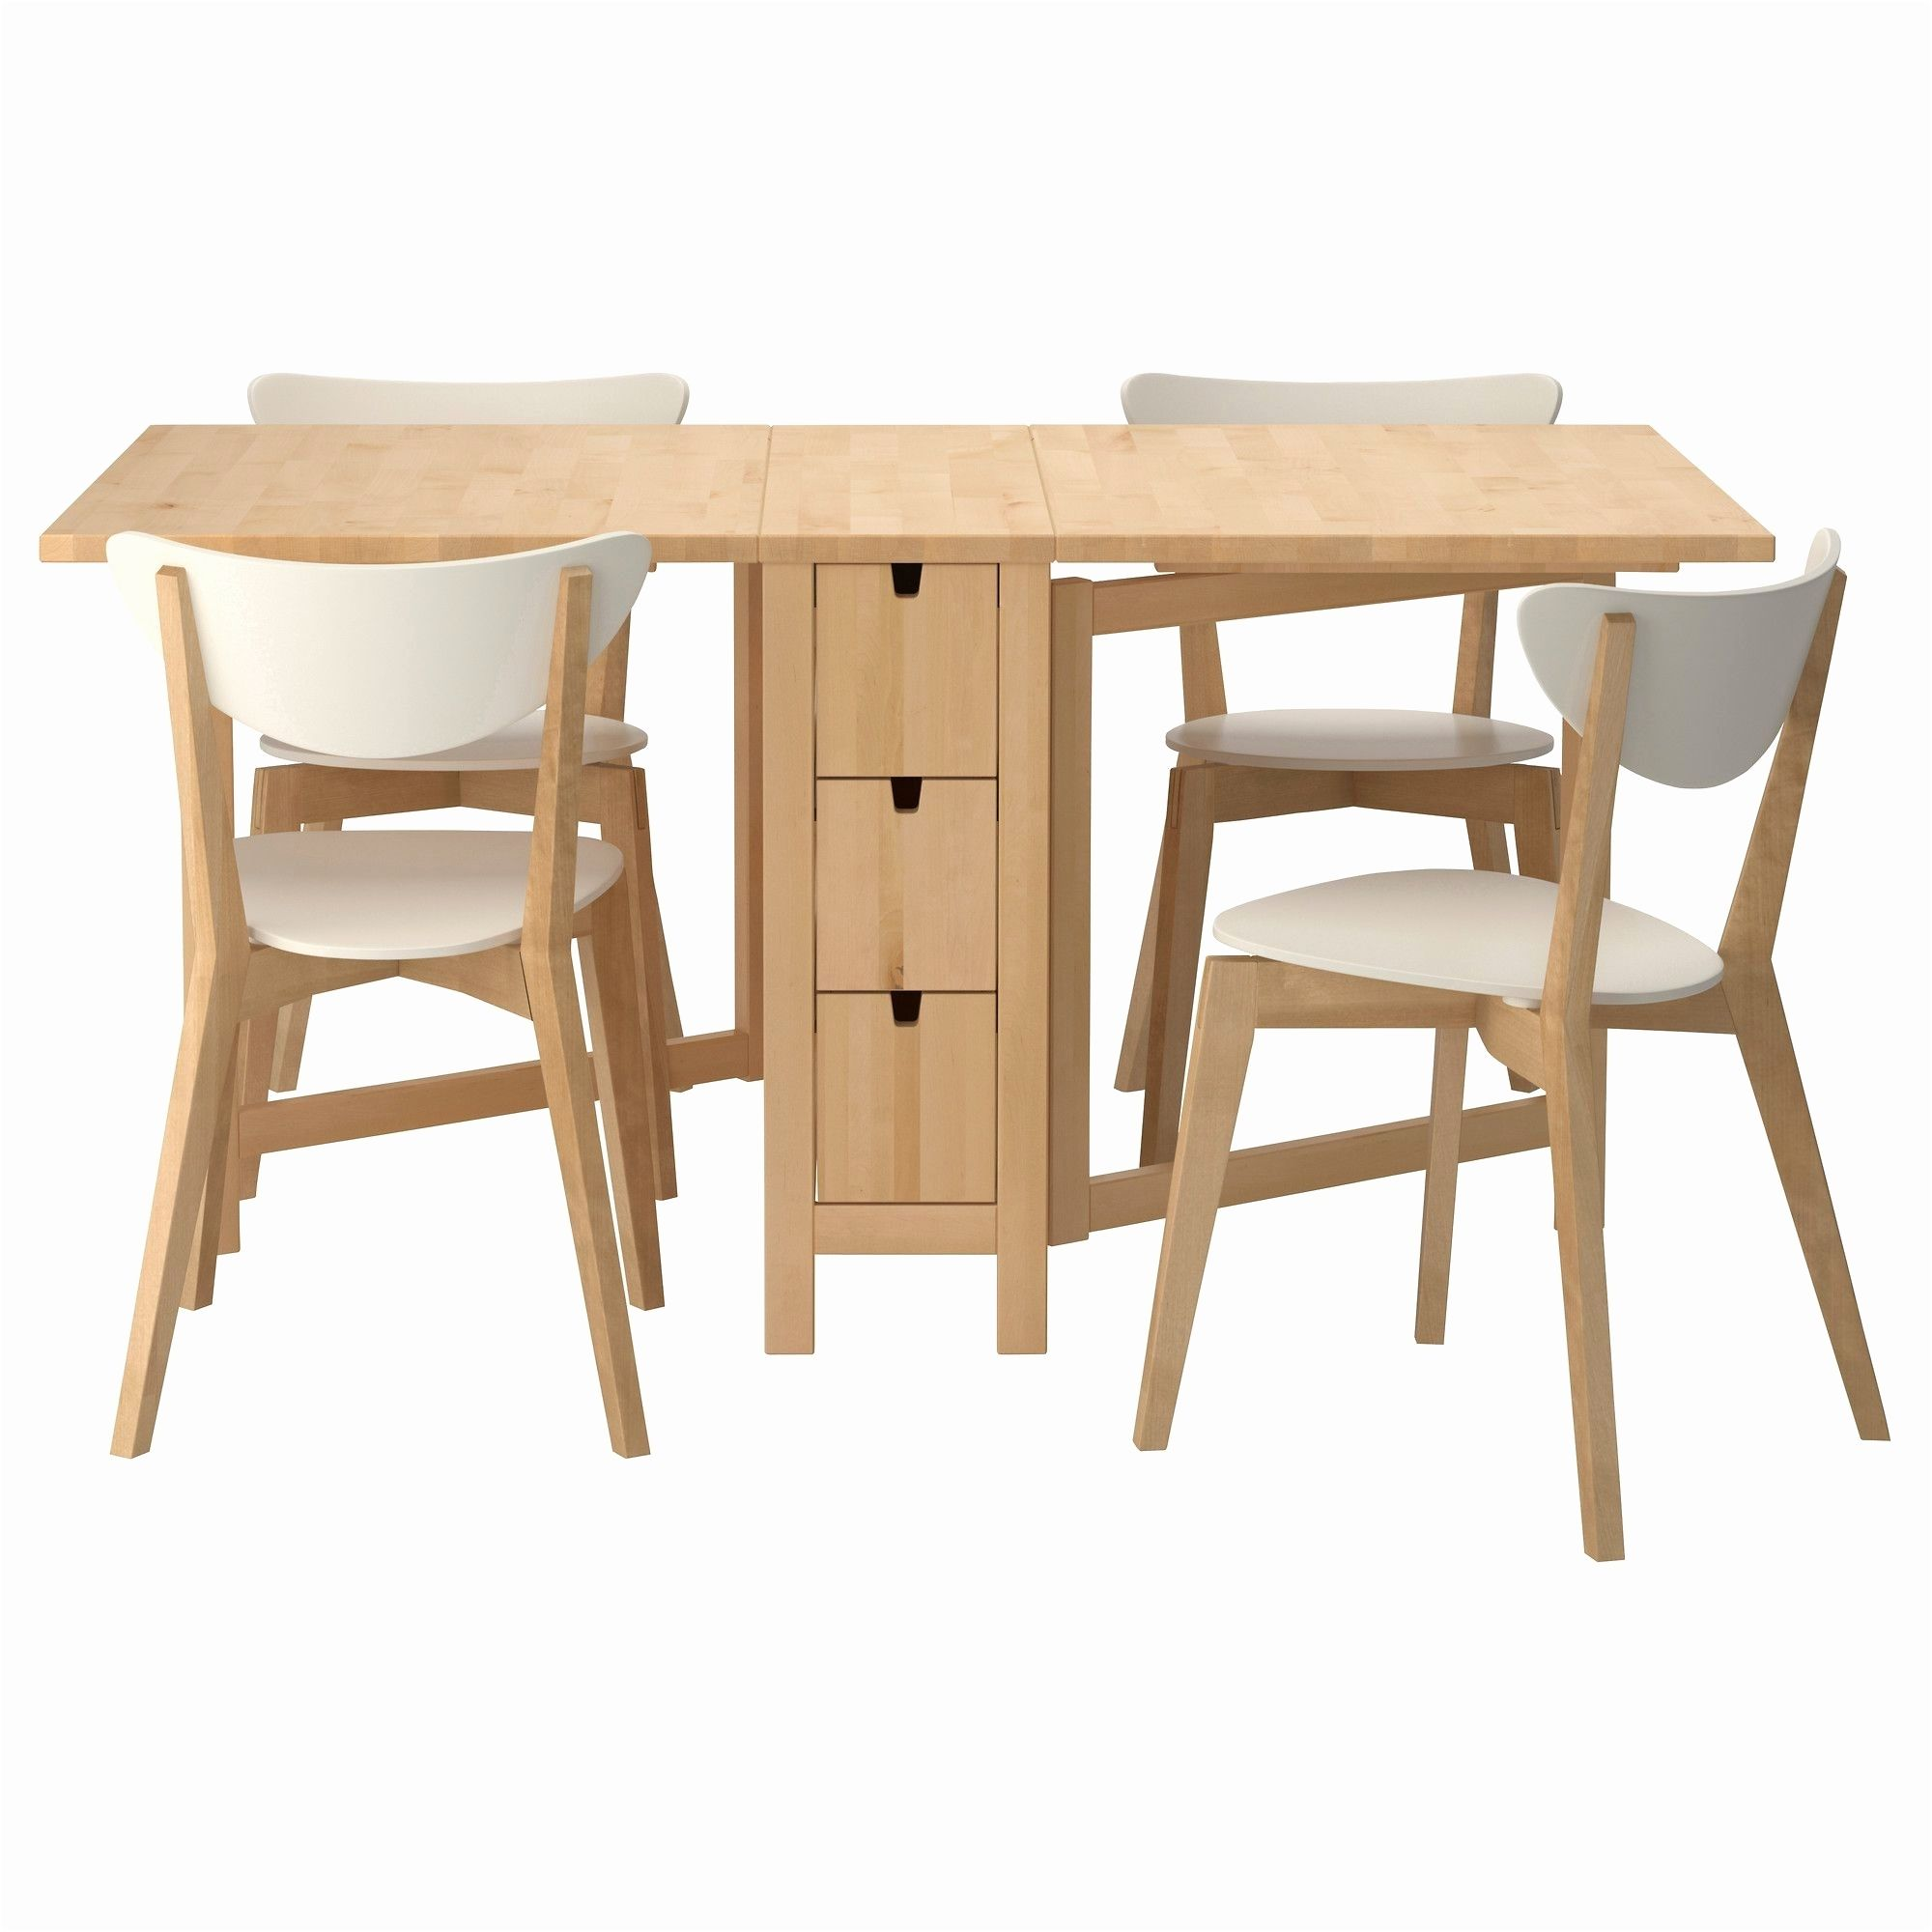 Klein Holz Tisch Und Stuhle Stuhlede Com Ikea Esstisch Kleiner Tisch Und Stuhle Tisch Und Stuhle